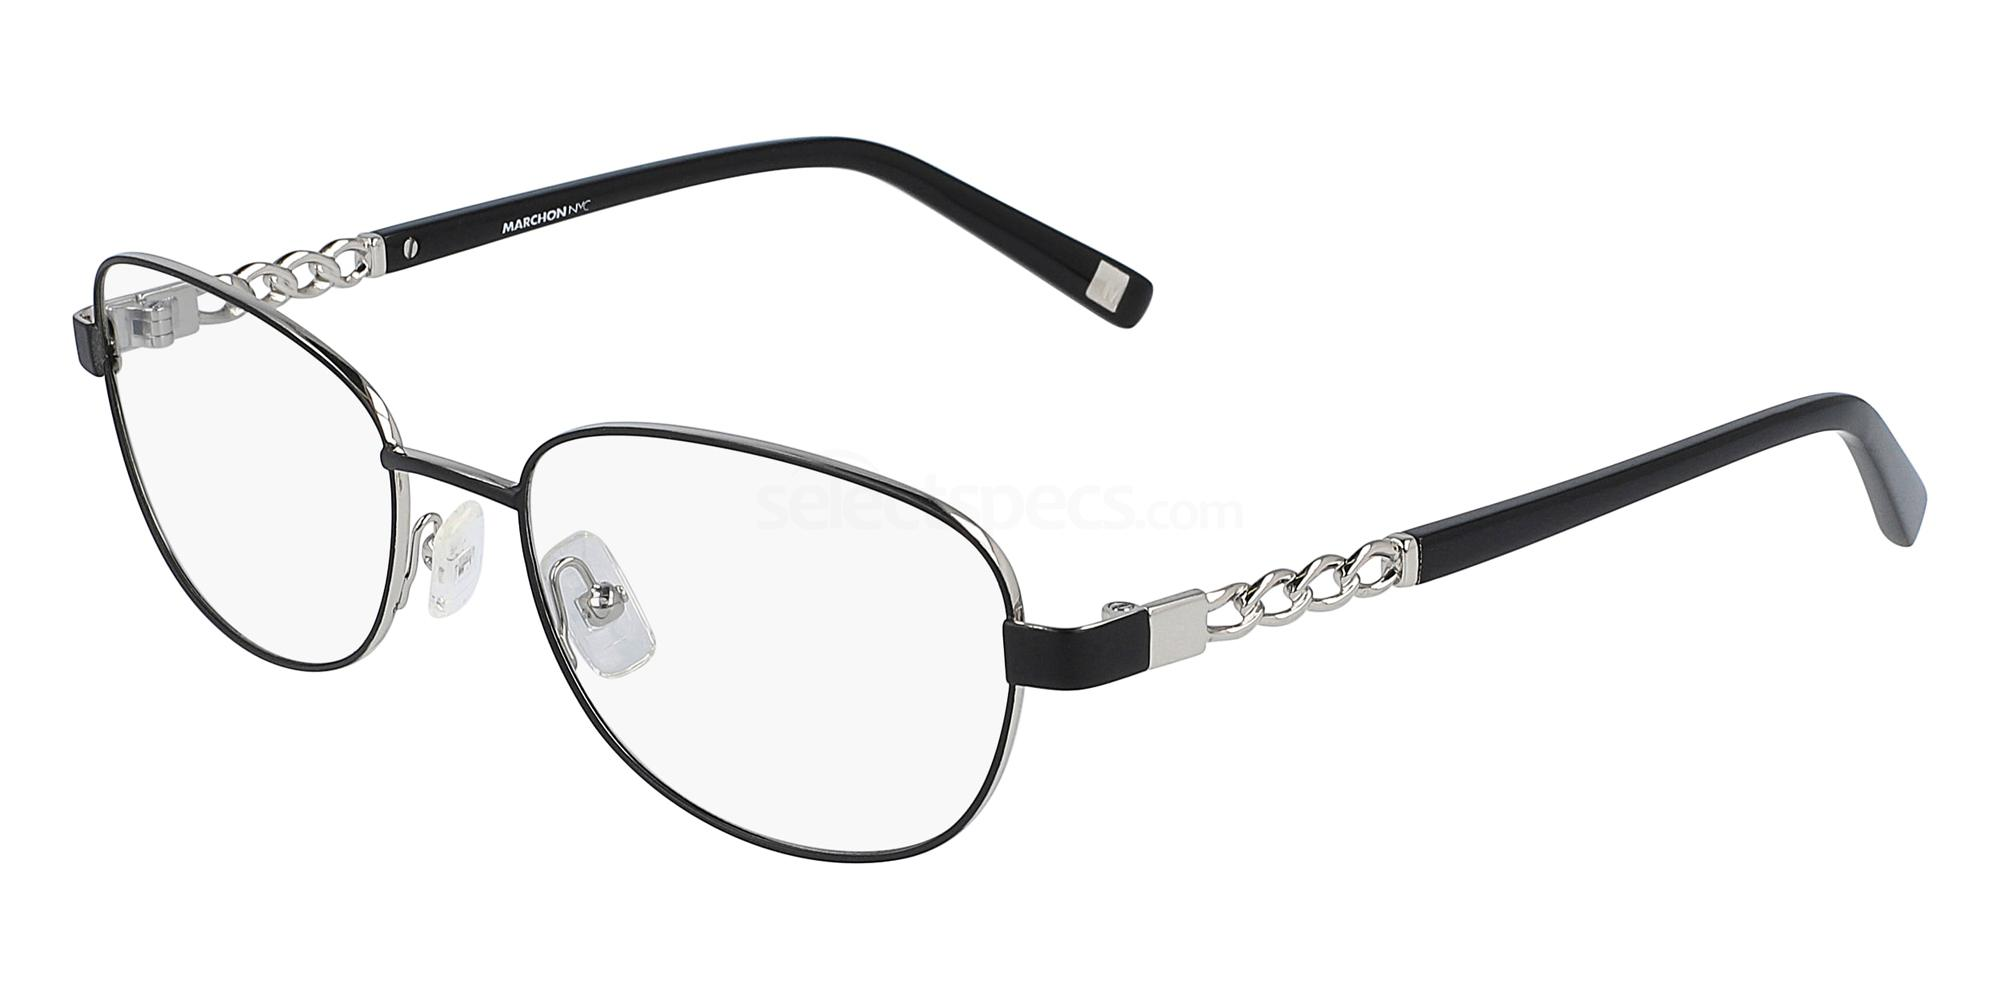 001 M-4005 Glasses, Marchon